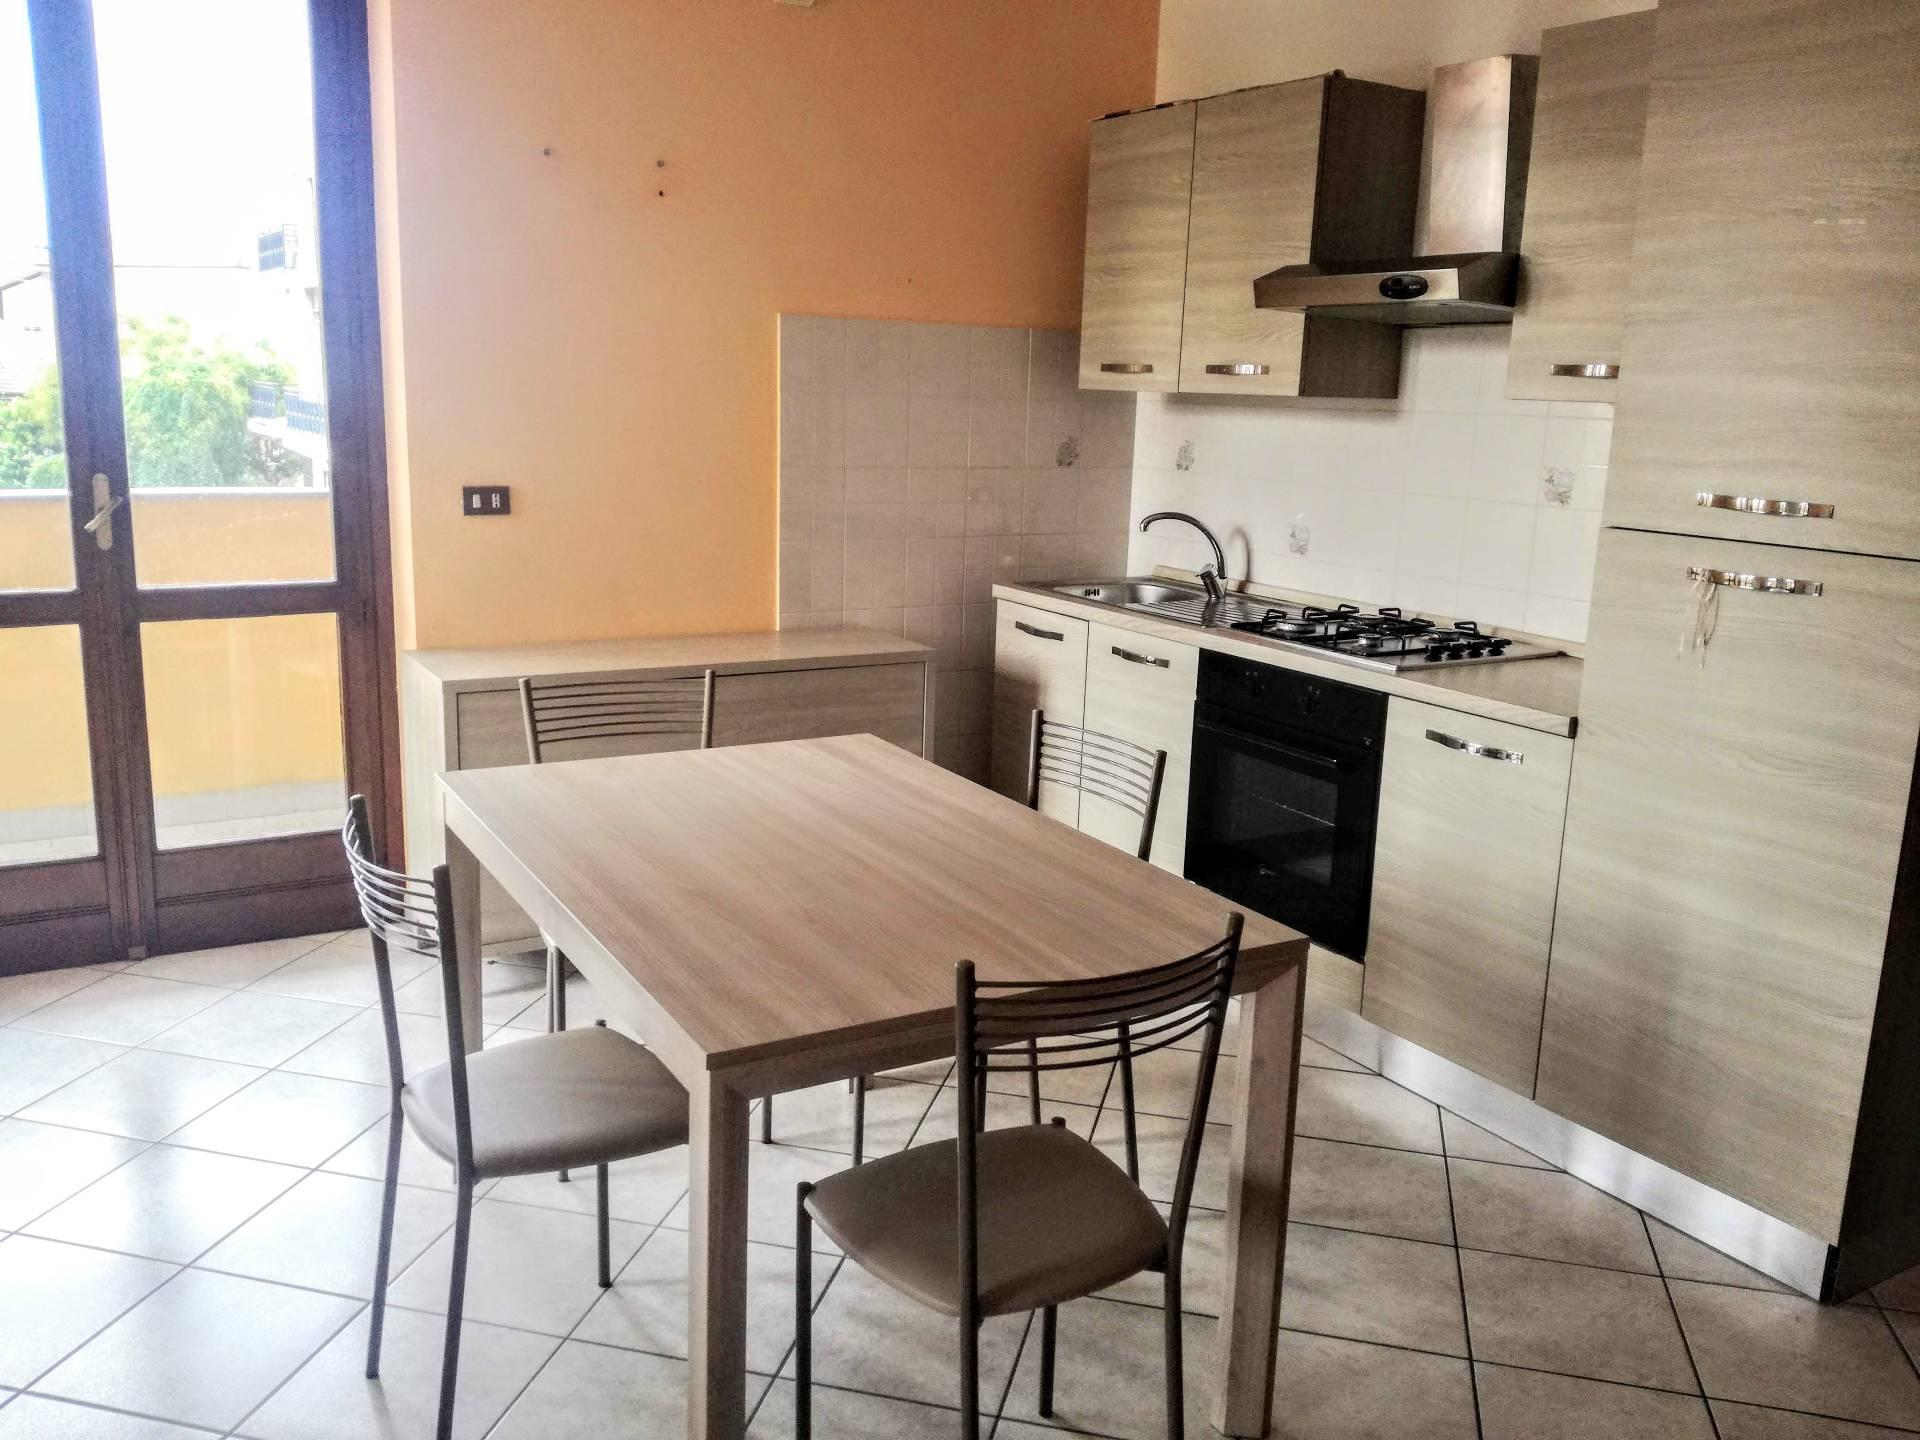 Appartamento in affitto a Serralunga di Crea, 2 locali, zona Zona: Madonnina, prezzo € 330 | CambioCasa.it